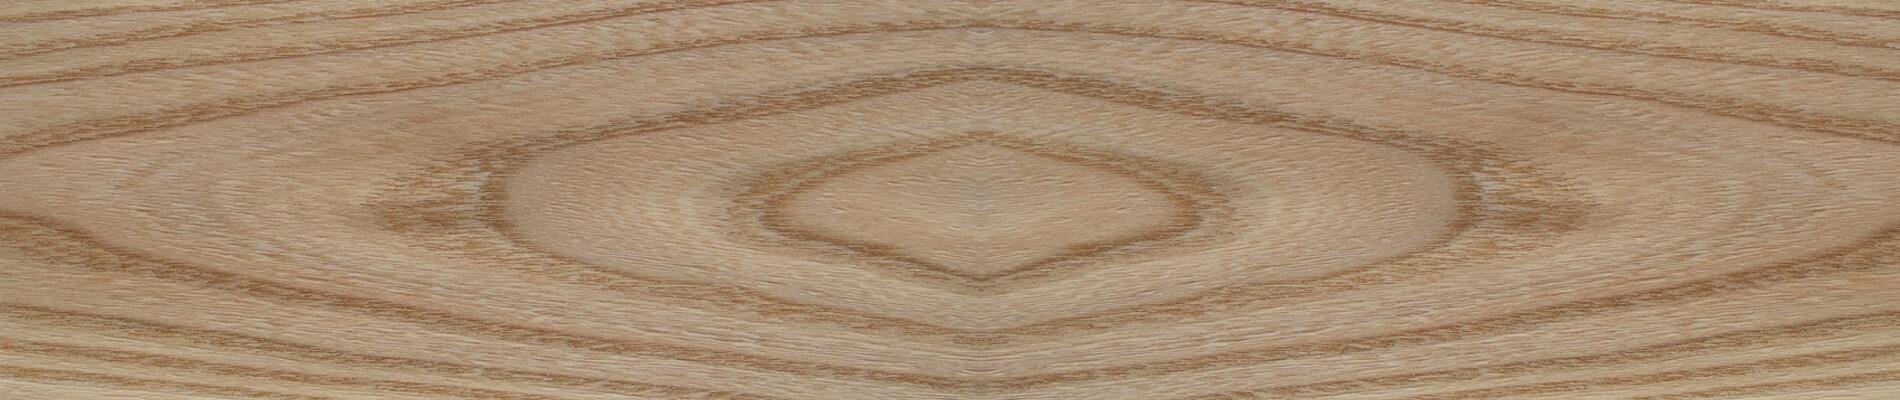 essence de bois orme rouge us bois am rique du nord essarbois. Black Bedroom Furniture Sets. Home Design Ideas